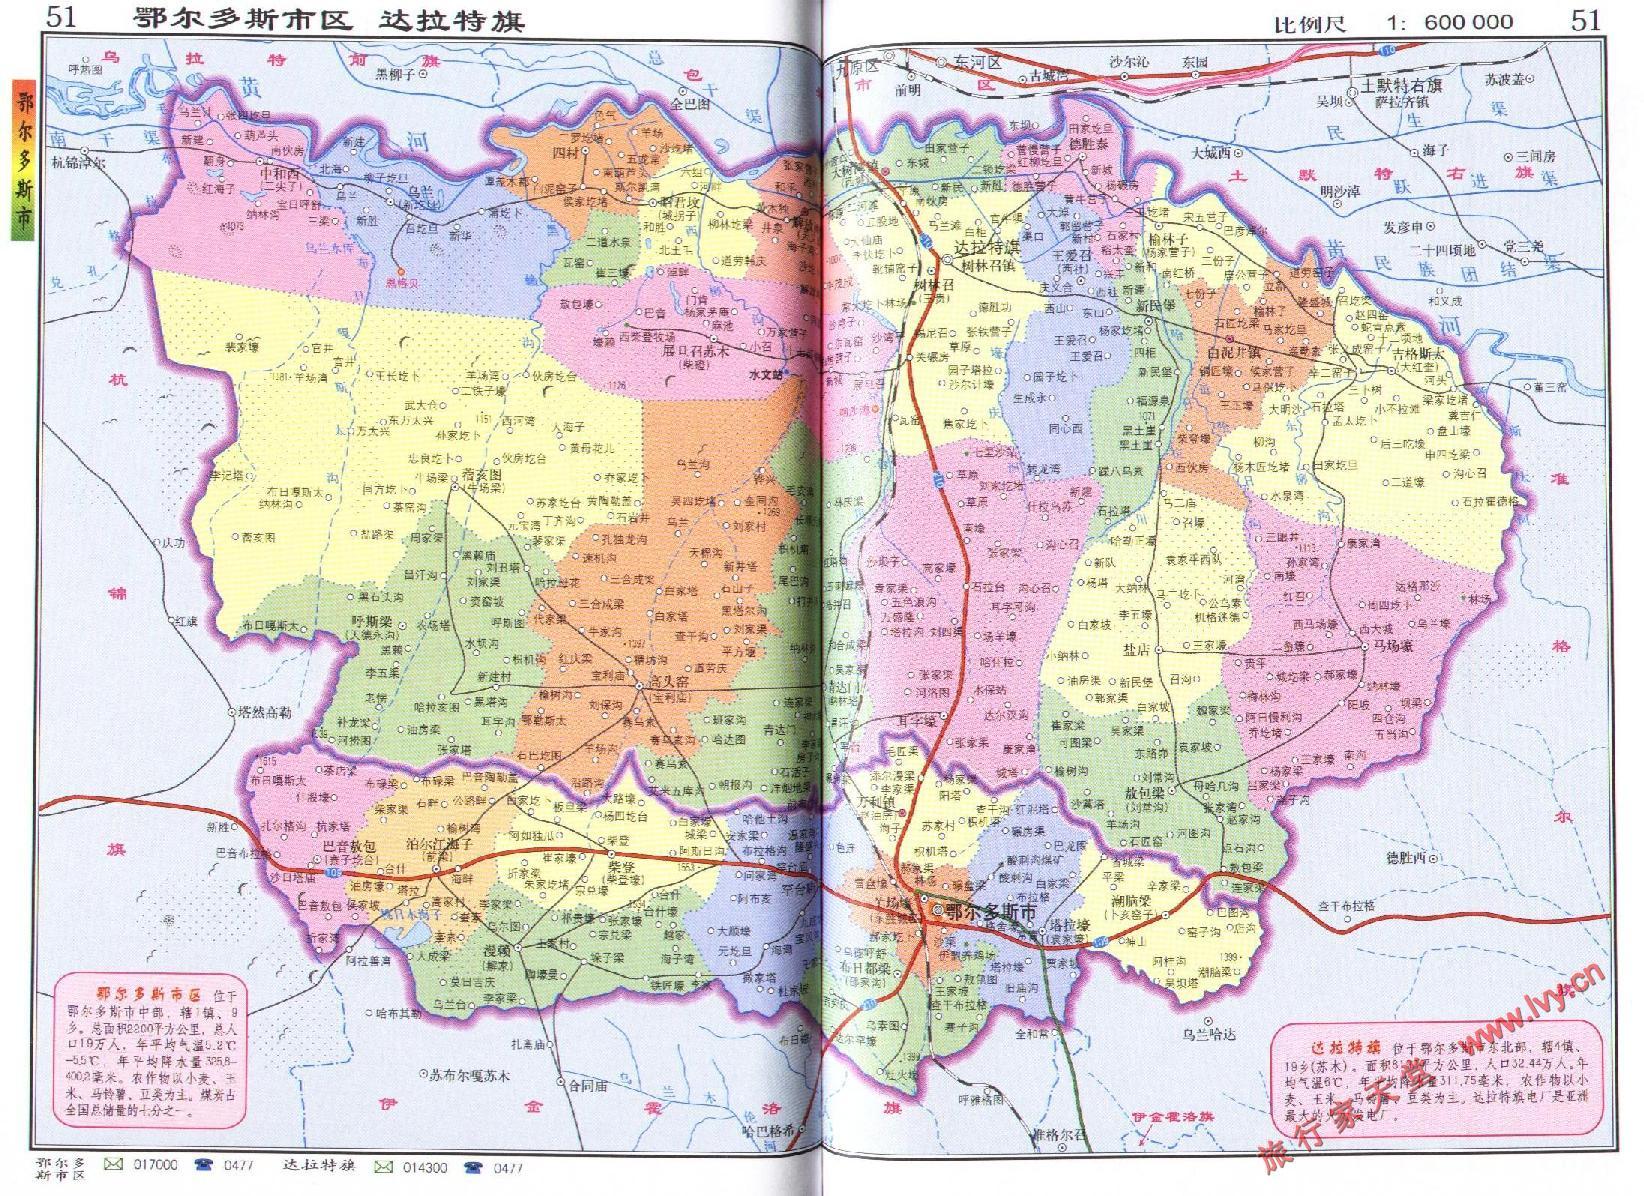 地图 达拉特旗/鄂尔多斯市辖区地图